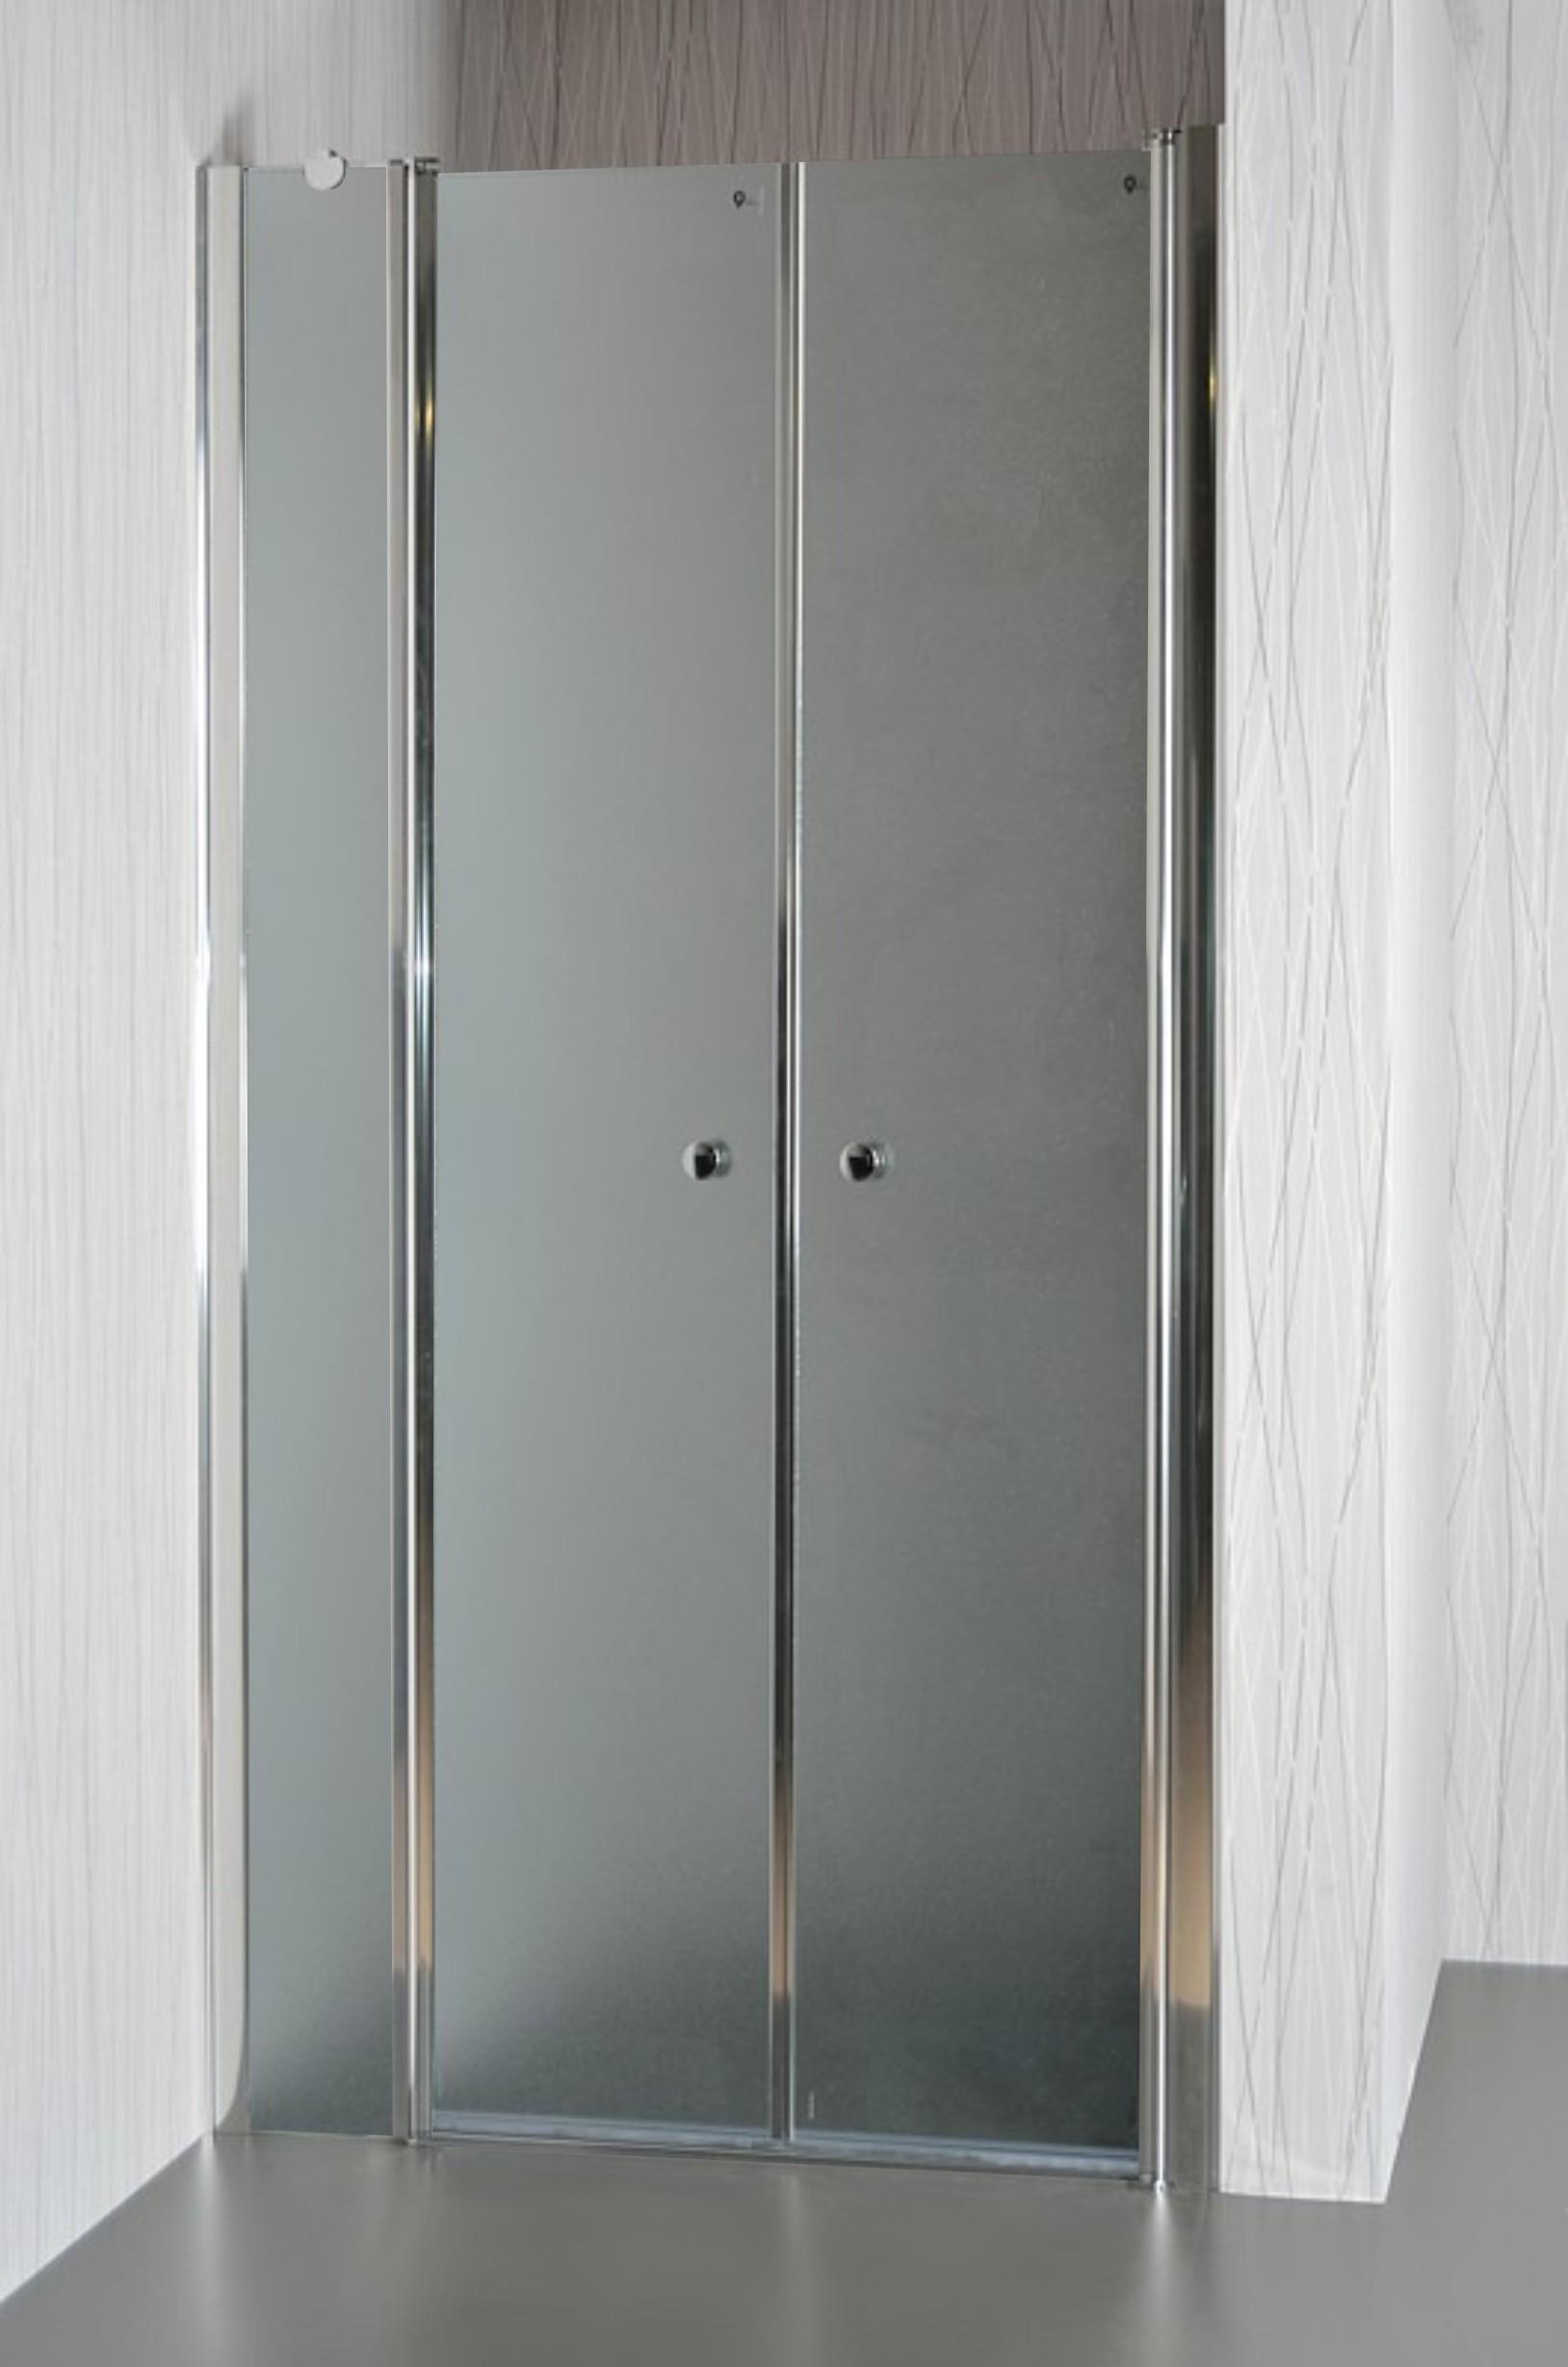 SALOON C10 Arttec Sprchové dveře do niky grape - 106 - 111 x 195 cm